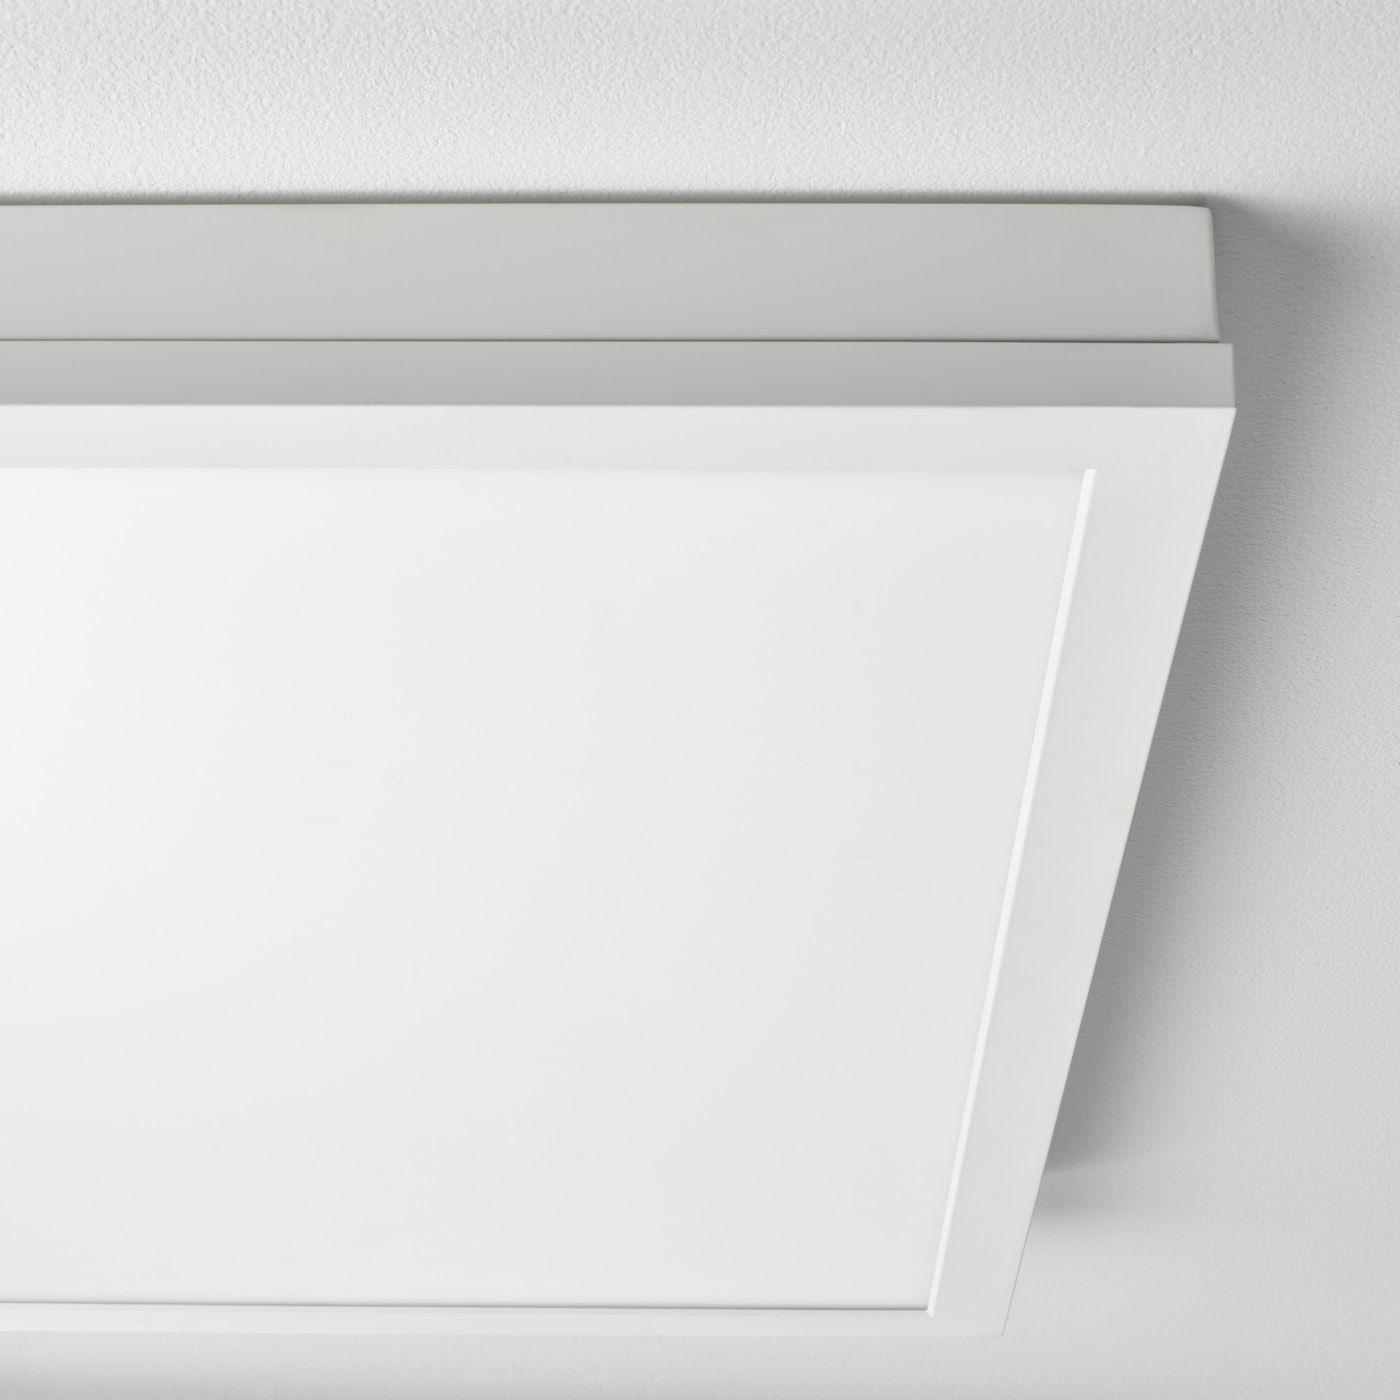 Full Size of Led Beleuchtung Küche Sofa Kunstleder Ikea Mit Schlaffunktion Betten 160x200 Deckenleuchte Wohnzimmer Schlafzimmer Miniküche Panel Einbaustrahler Bad Kosten Wohnzimmer Ikea Led Panel